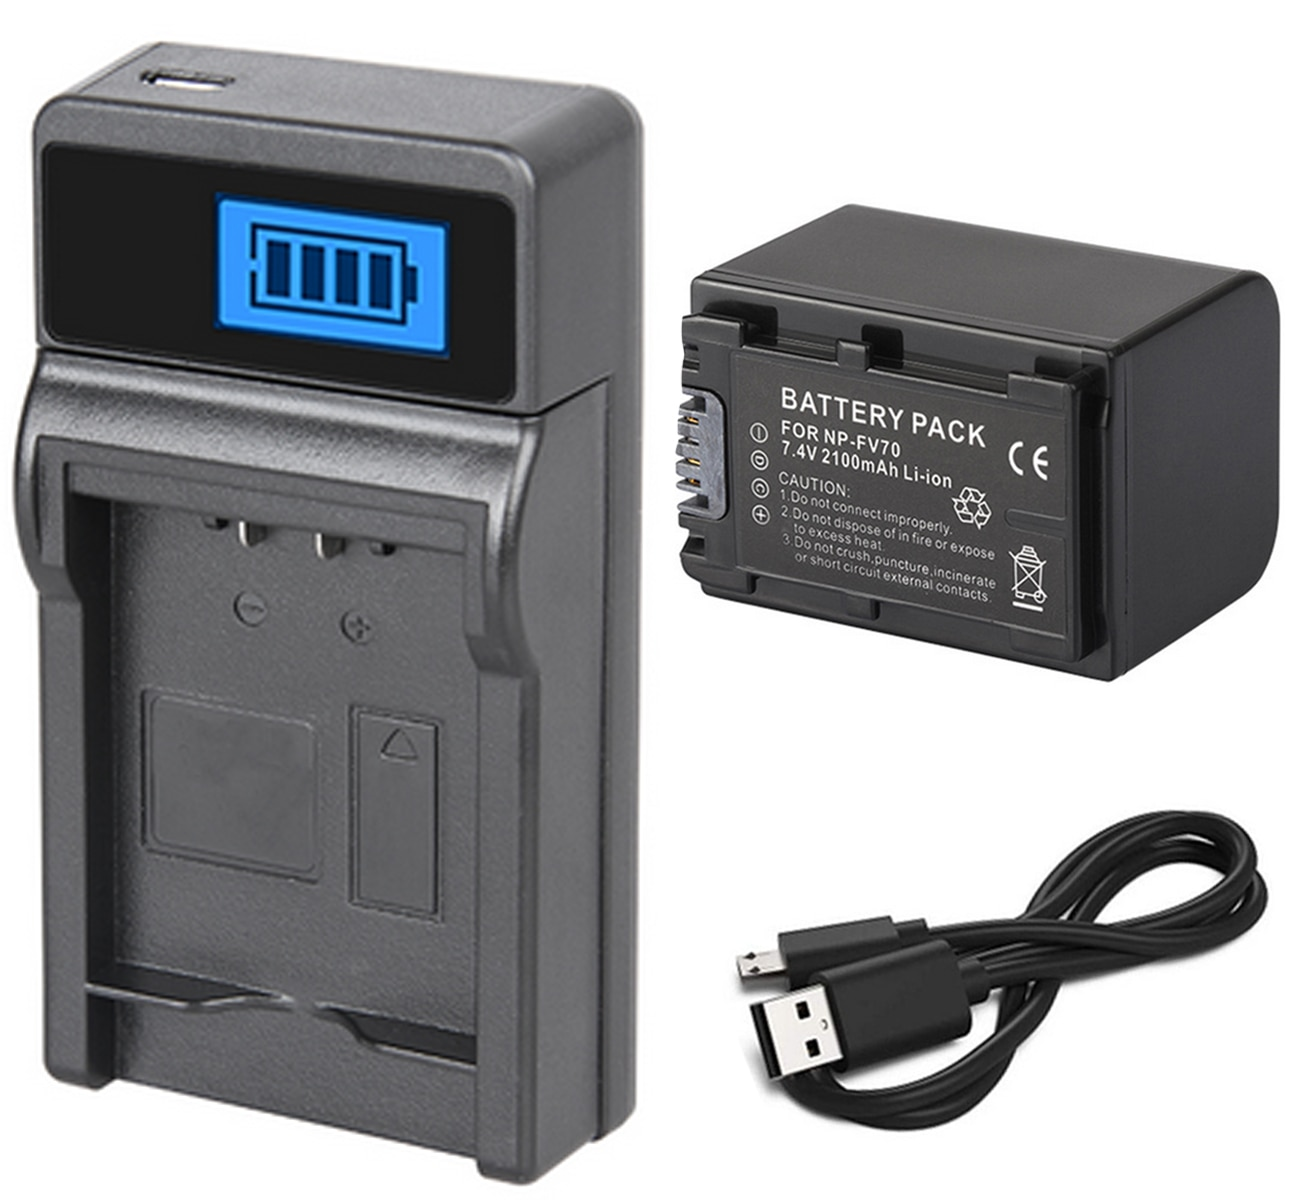 Batterie + chargeur pour Sony Handycam HDR-CX200E, HDR-CX210E, HDR-CX220E, HDR-CX230E, HDR-CX250E, HDR-CX260VE, HDR-CX280E, HDR-CX290E,